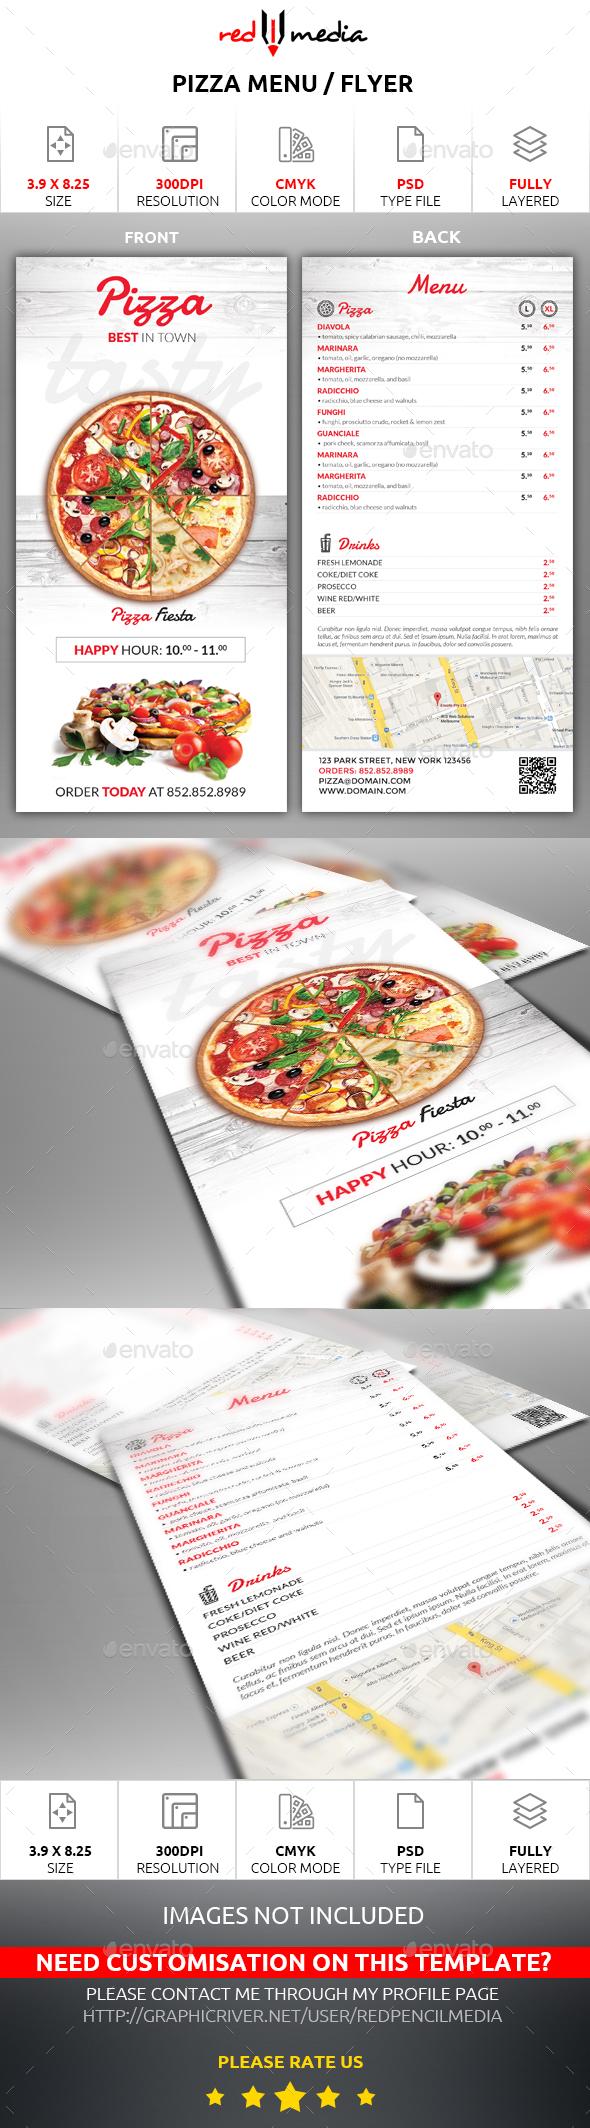 Pizza Menu / Flyer